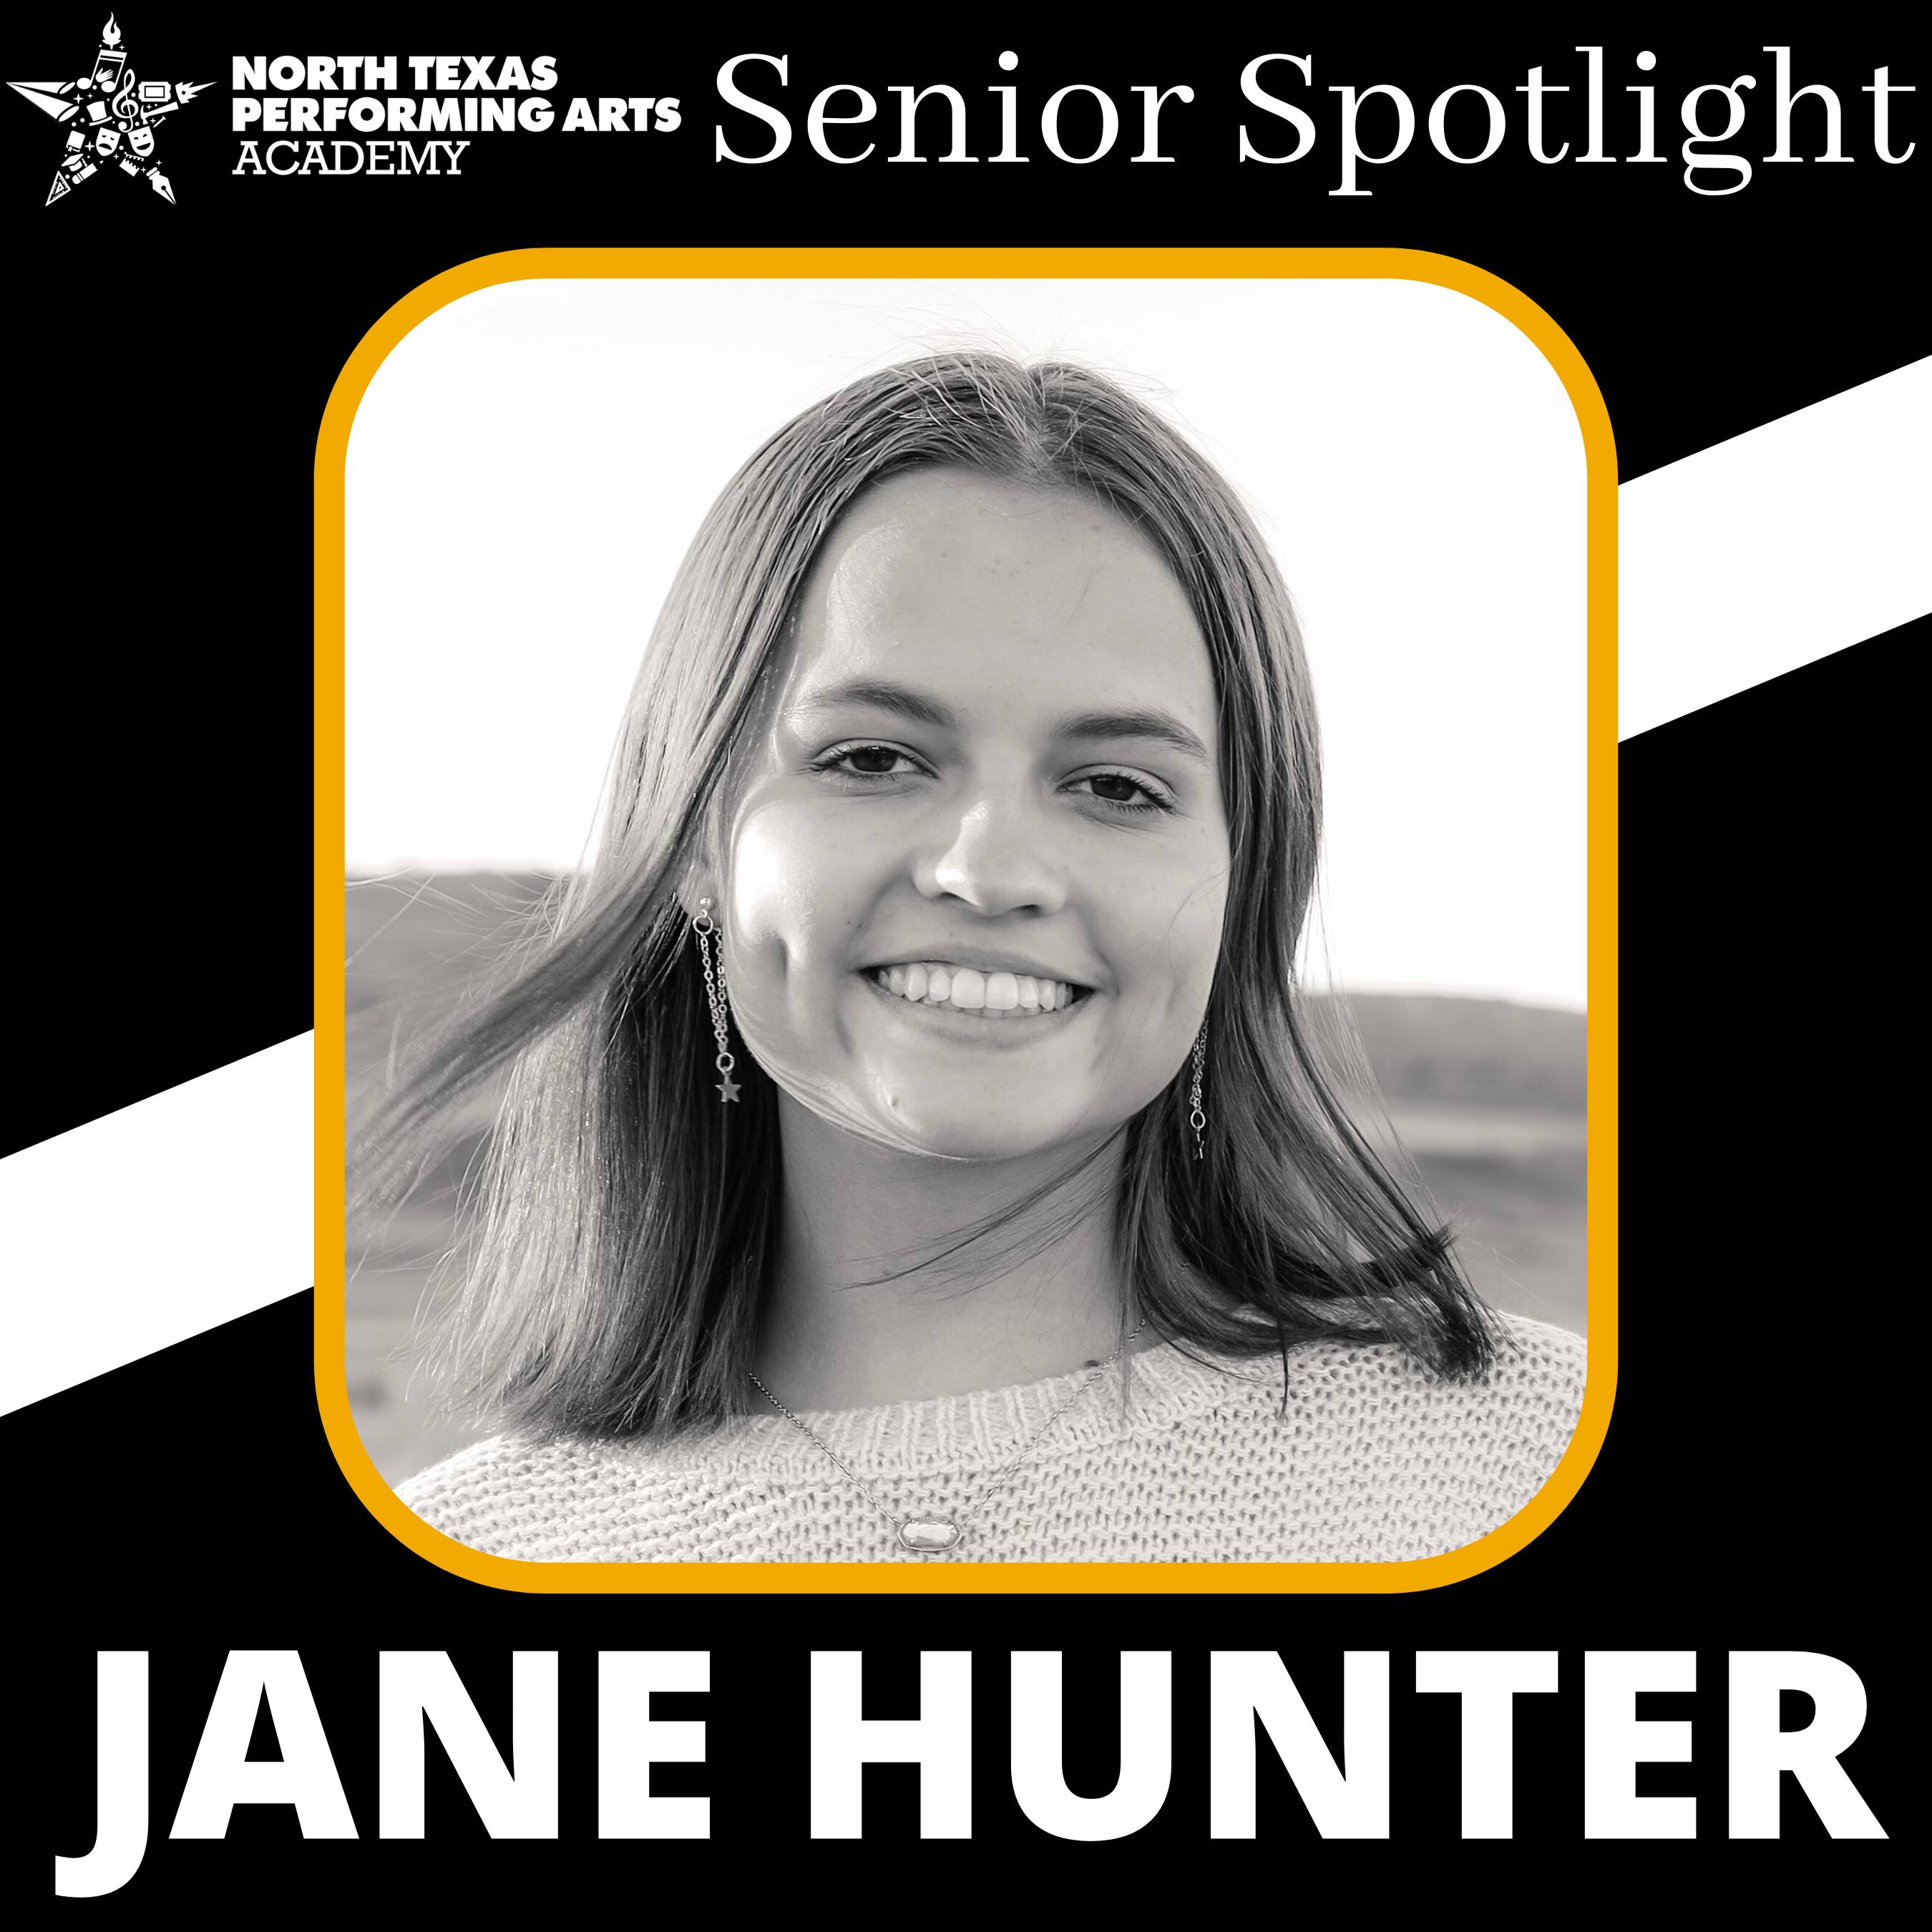 Jane Hunter headshot